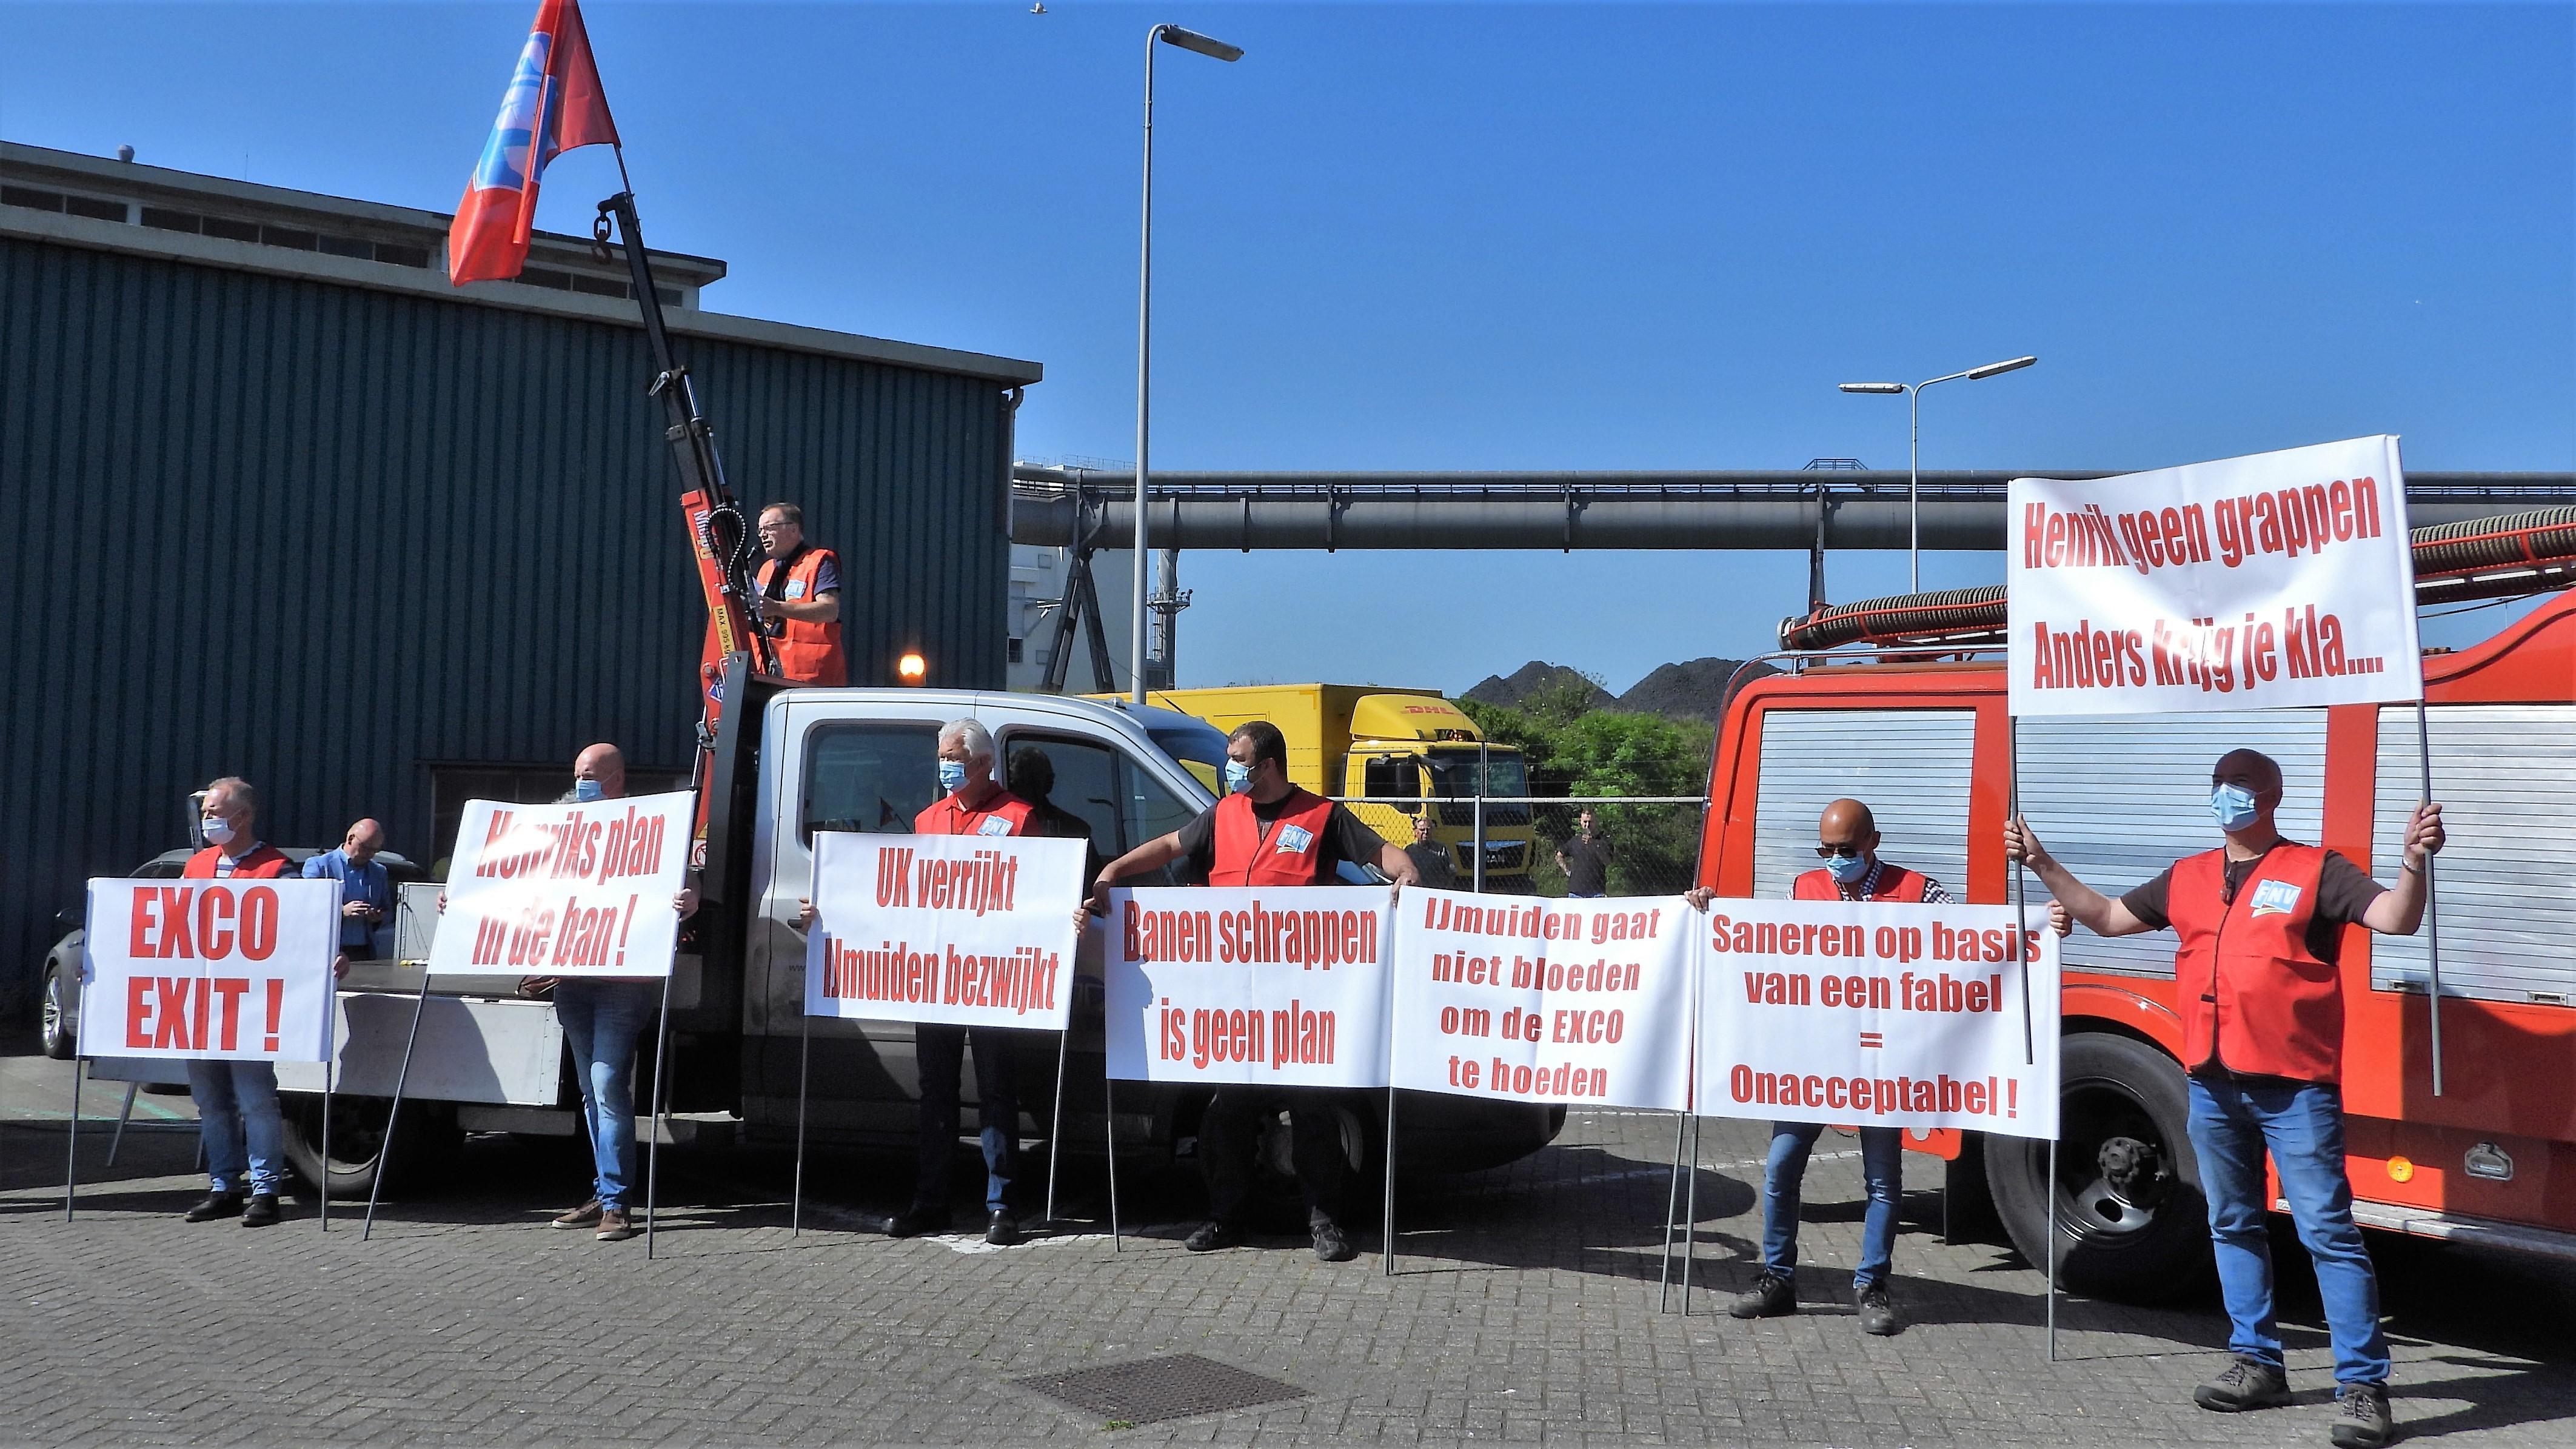 Lawaai als een oordeel bij 'toeterprotest' Tata Steel [video]